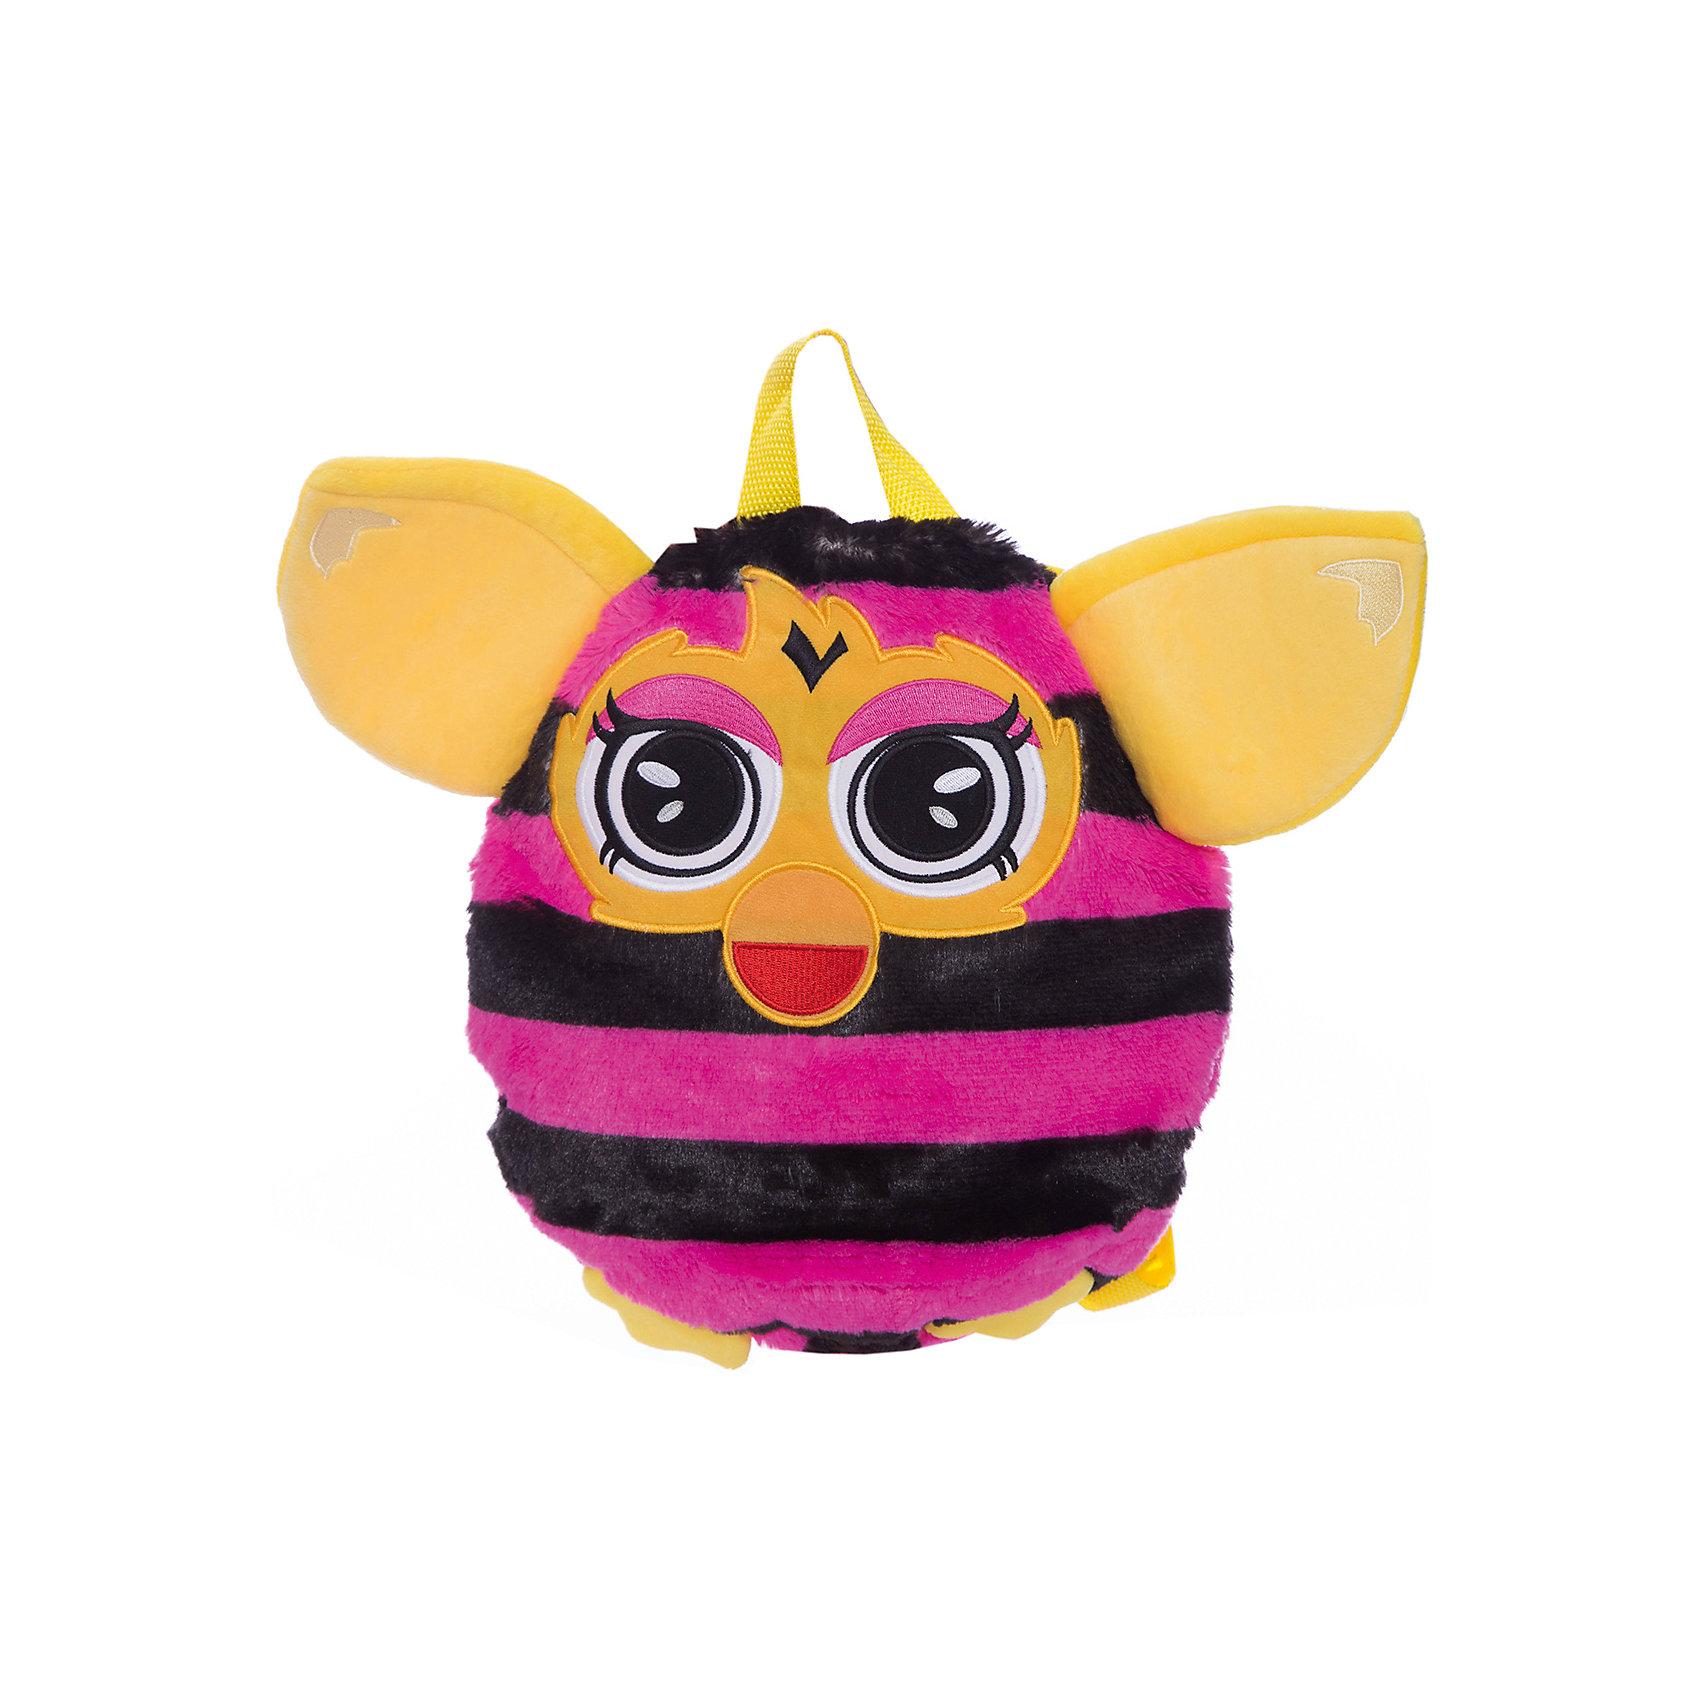 Furby рюкзак 35 см, в полоску, 1ToyFurby<br>Чудесный плюшевый рюкзачок Furby никого не оставит равнодушным. Он замечательно подойдет для прогулок, поездок и путешествий, а также в качестве забавной мягкой игрушки. Рюкзак выполнен в виде очаровательного Ферби и его внешний вид абсолютно идентичен популярной интерактивной игрушке. У Ферби яркая расцветка в розовую и черную полосочку, желтые ушки и лапки. Качественный плюшевый материал рюкзачка очень мягкий и приятный на ощупь. Внутри одно вместительное отделение, куда ребенок сможет положить все необходимые на прогулке вещи. Рюкзак оснащен удобной текстильной ручкой для переноски в руках.<br><br>Дополнительная информация:<br><br>- Материал: плюш (хентег).  <br>- Длина рюкзака: 35 см.<br>- Общие размеры: 35 х 28 х 3 см.<br>- Вес: 181 гр.<br><br>Furby рюкзак 35 см., в полоску, 1Toy, можно купить в нашем интернет-магазине.<br><br>Ширина мм: 350<br>Глубина мм: 280<br>Высота мм: 30<br>Вес г: 181<br>Возраст от месяцев: 24<br>Возраст до месяцев: 60<br>Пол: Унисекс<br>Возраст: Детский<br>SKU: 4627948